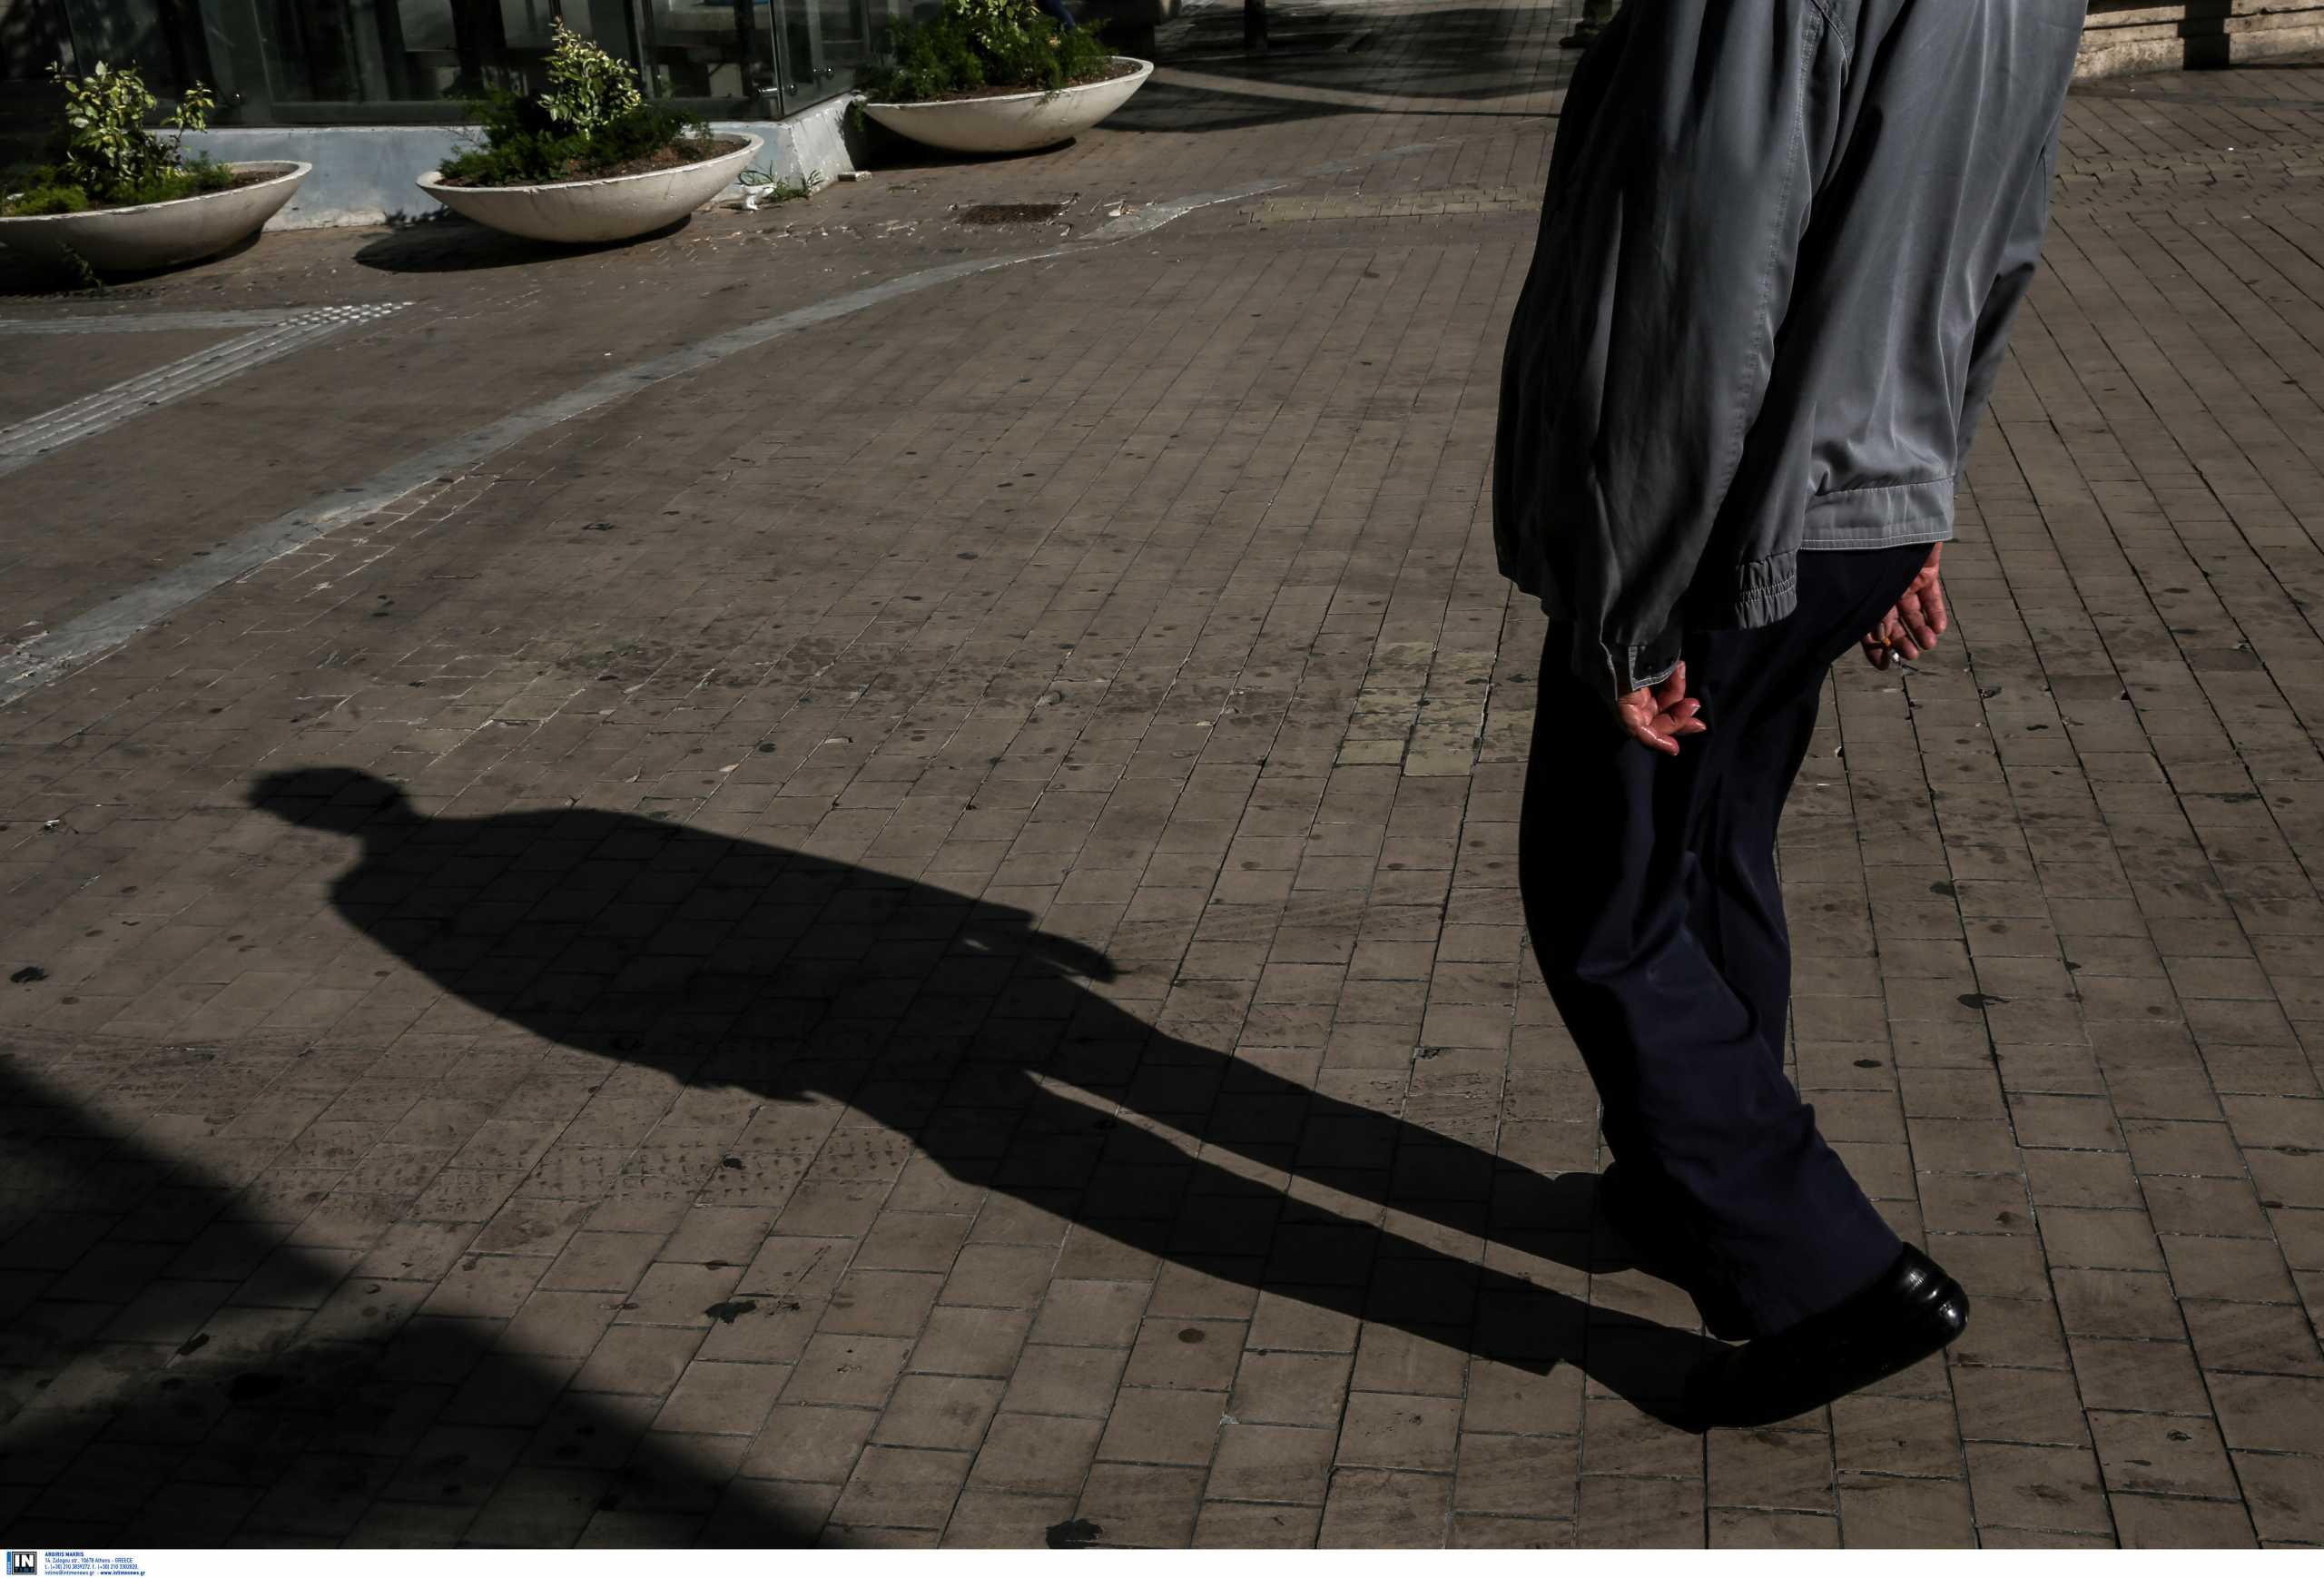 Λαμία: Άνδρας 103 ετών νικήθηκε από κορονοϊό – Ίσως το γηραιότερο θύμα της πανδημίας στην Ελλάδα